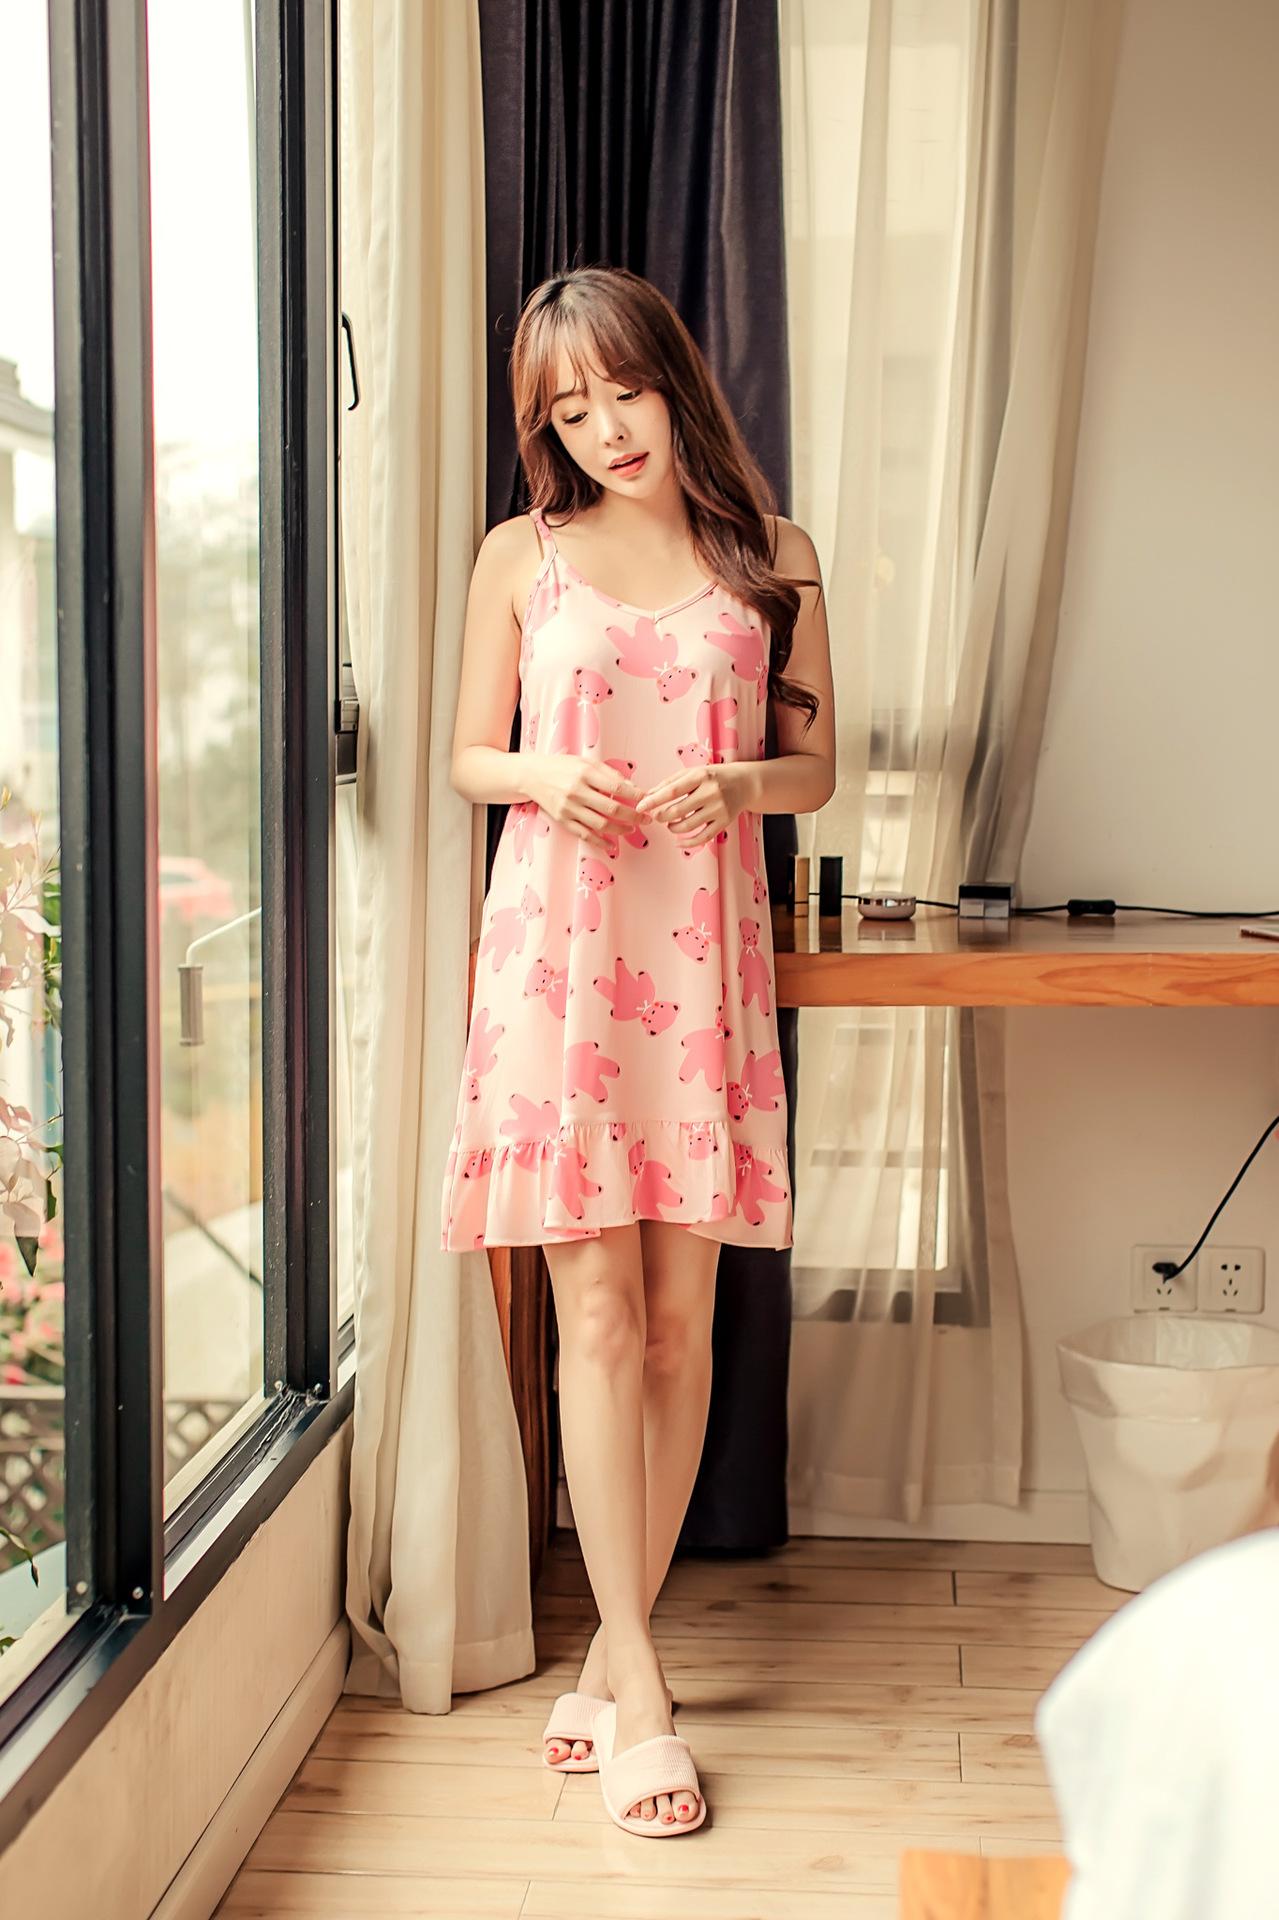 ชุดนอนเกาหลี สไตล์น่ารัก สีชมพู